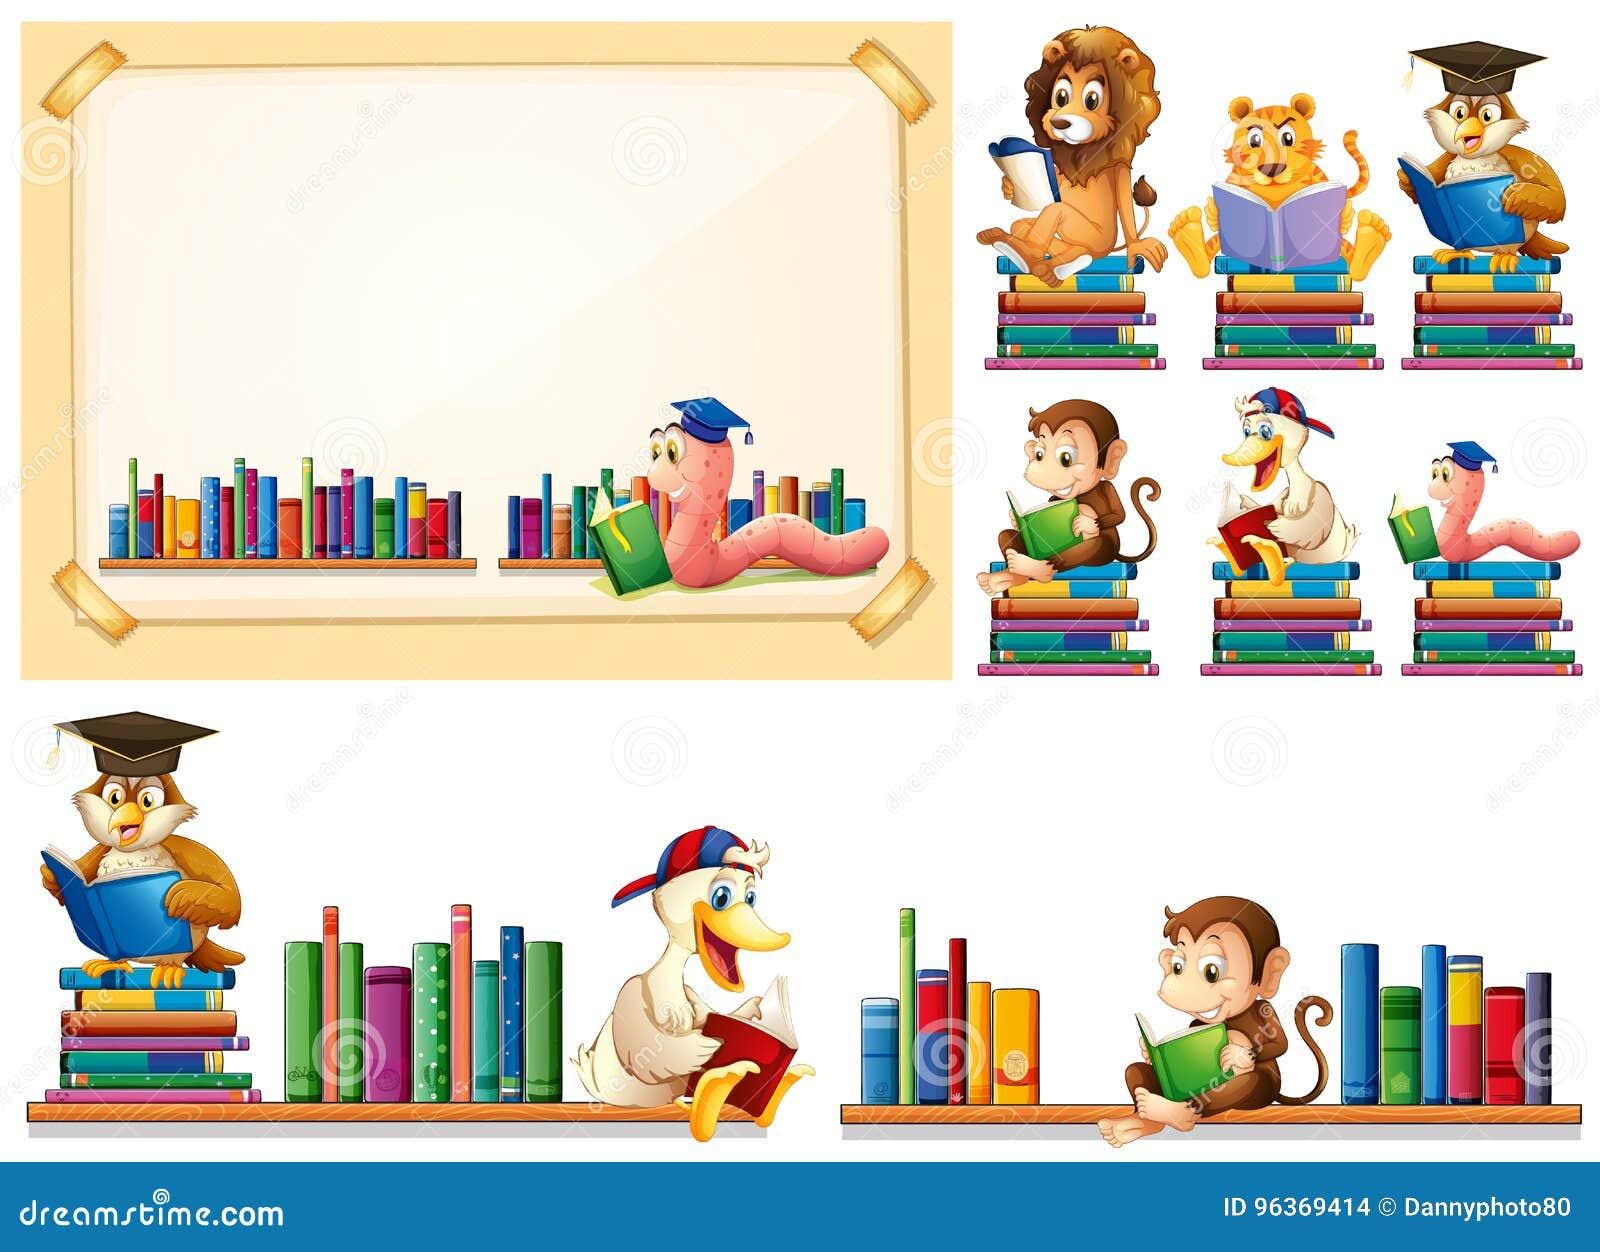 Marco De Papel Y Muchos Libros De Lectura De Los Animales ...